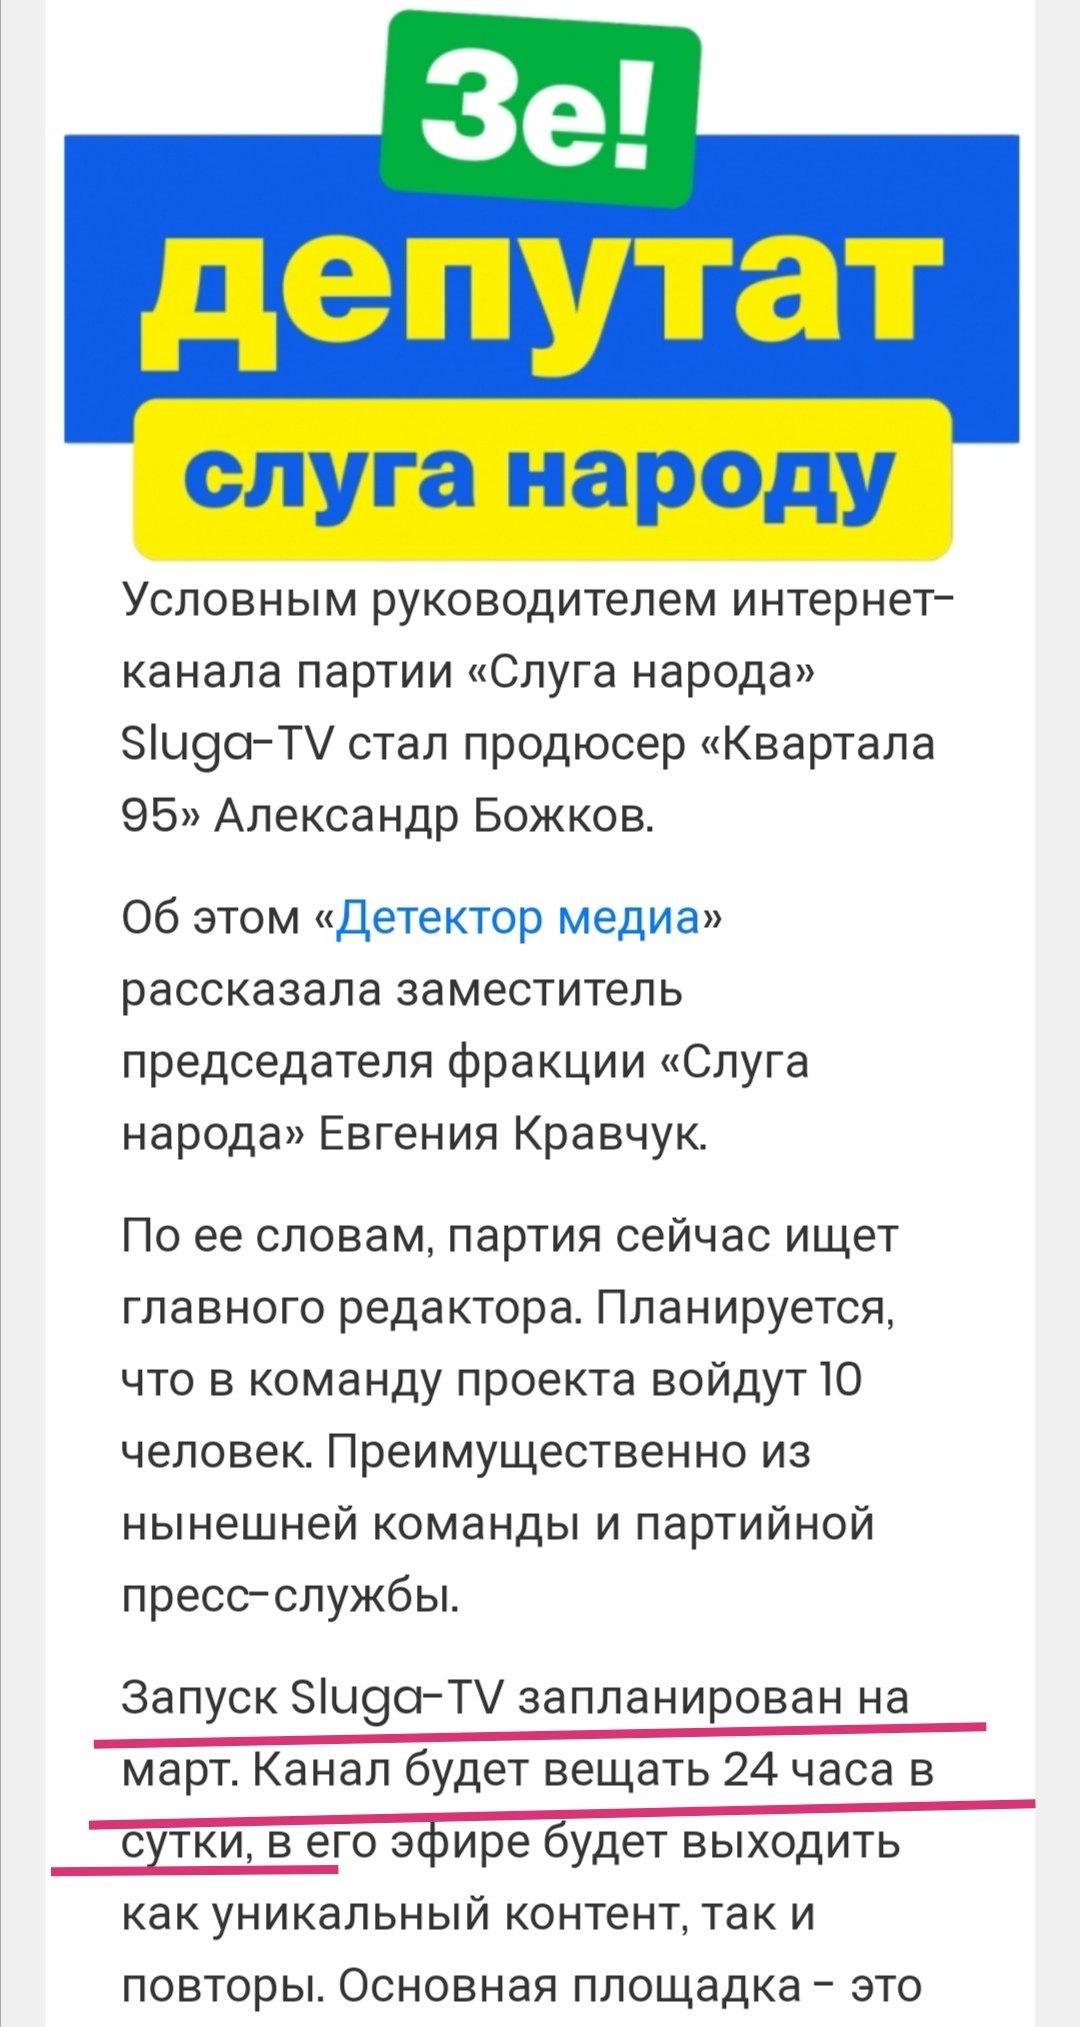 Офис генпрокурора зарегистрировал уголовное производство против депутатов ОПЗЖ за клевету в отношении Порошенко и Обамы, - адвокат Головань - Цензор.НЕТ 4178